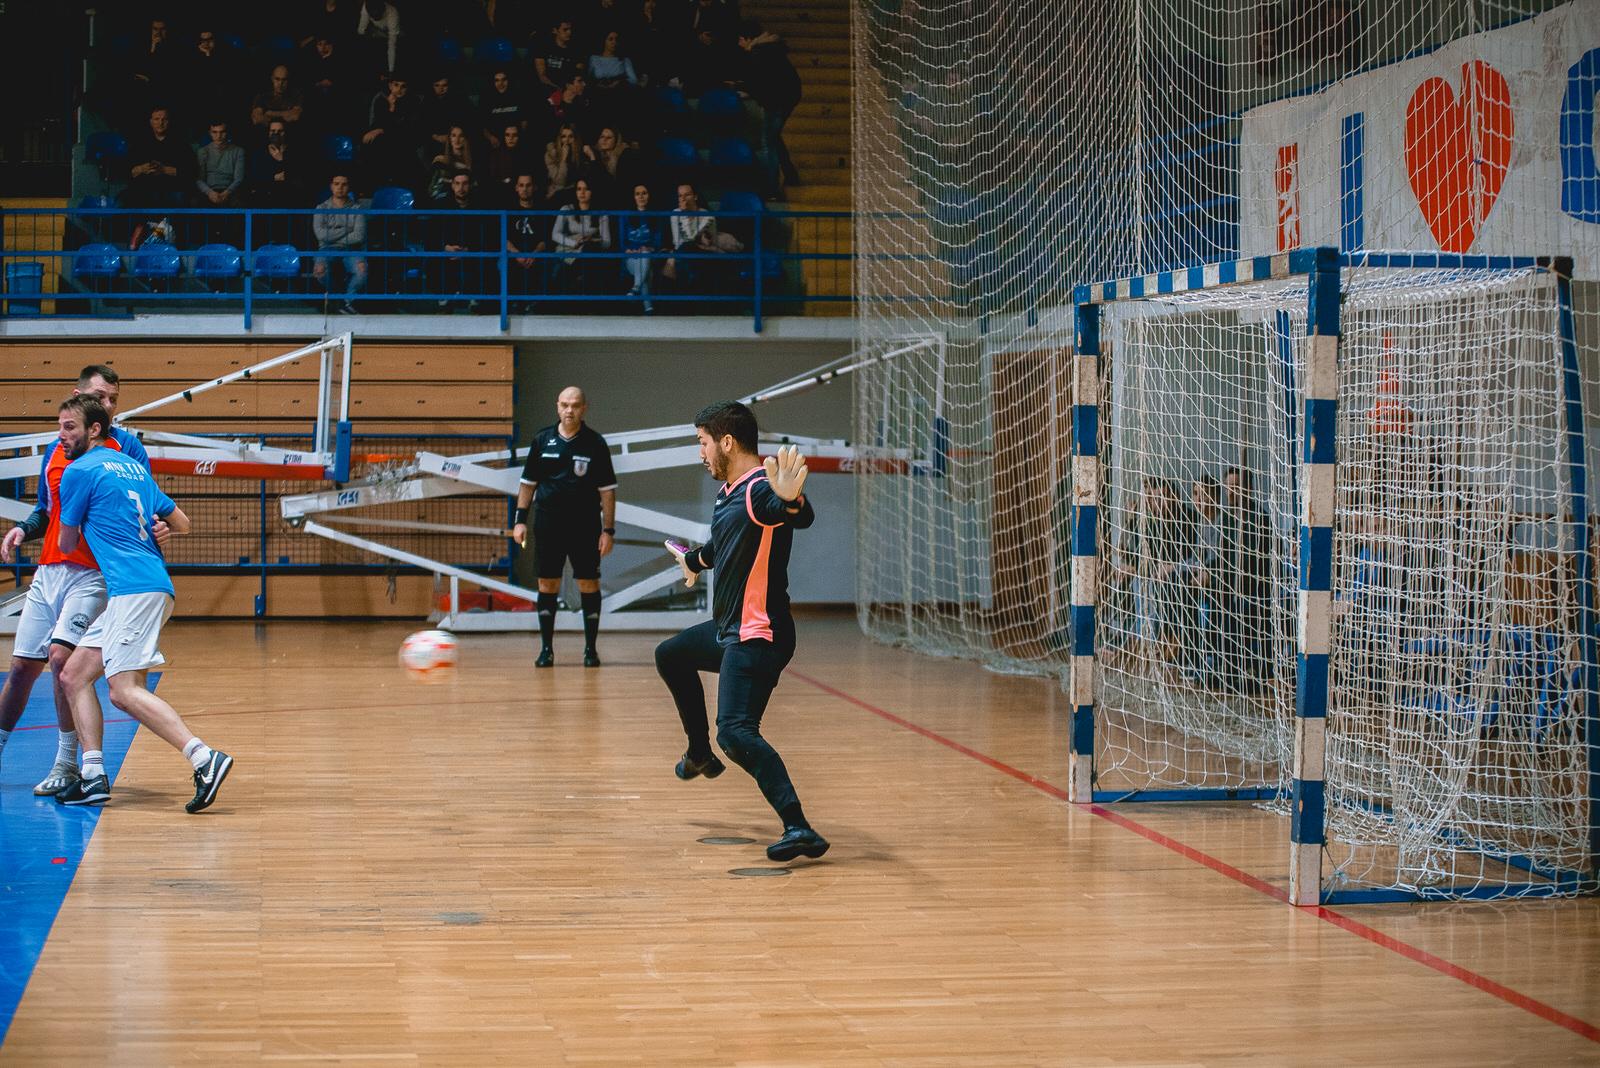 likaclub_gospić_zimski-malonogometni-turnir-2018-19-66